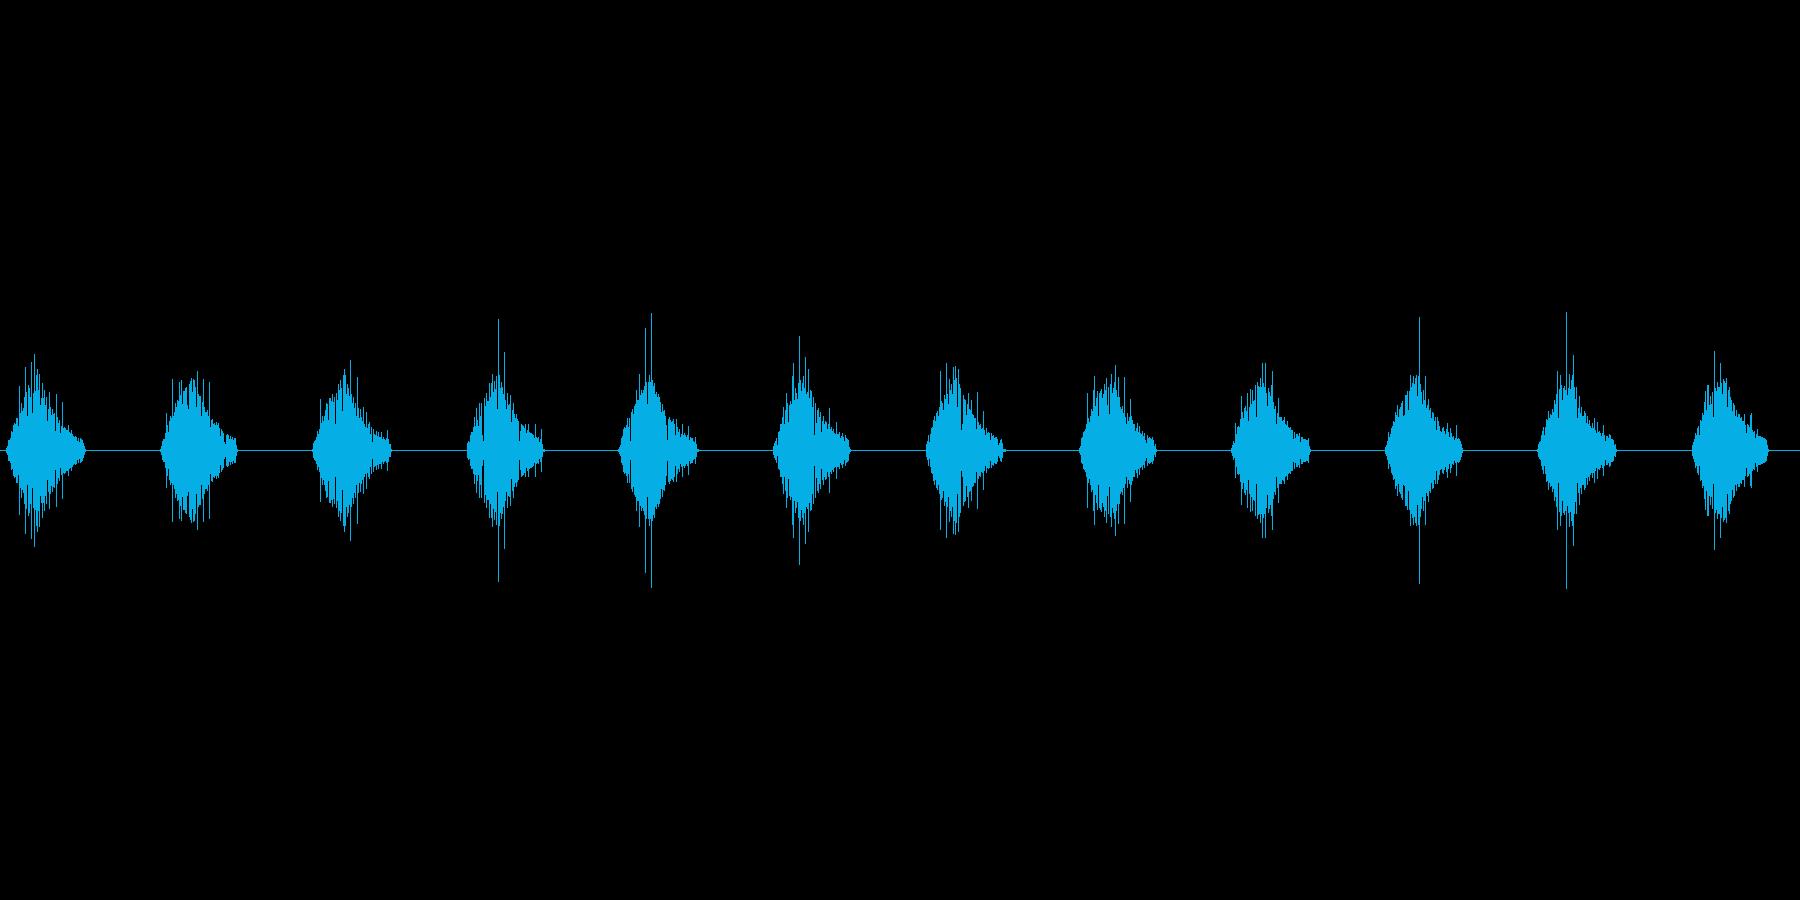 モニター文字表示 ピピピピ ループ_01の再生済みの波形